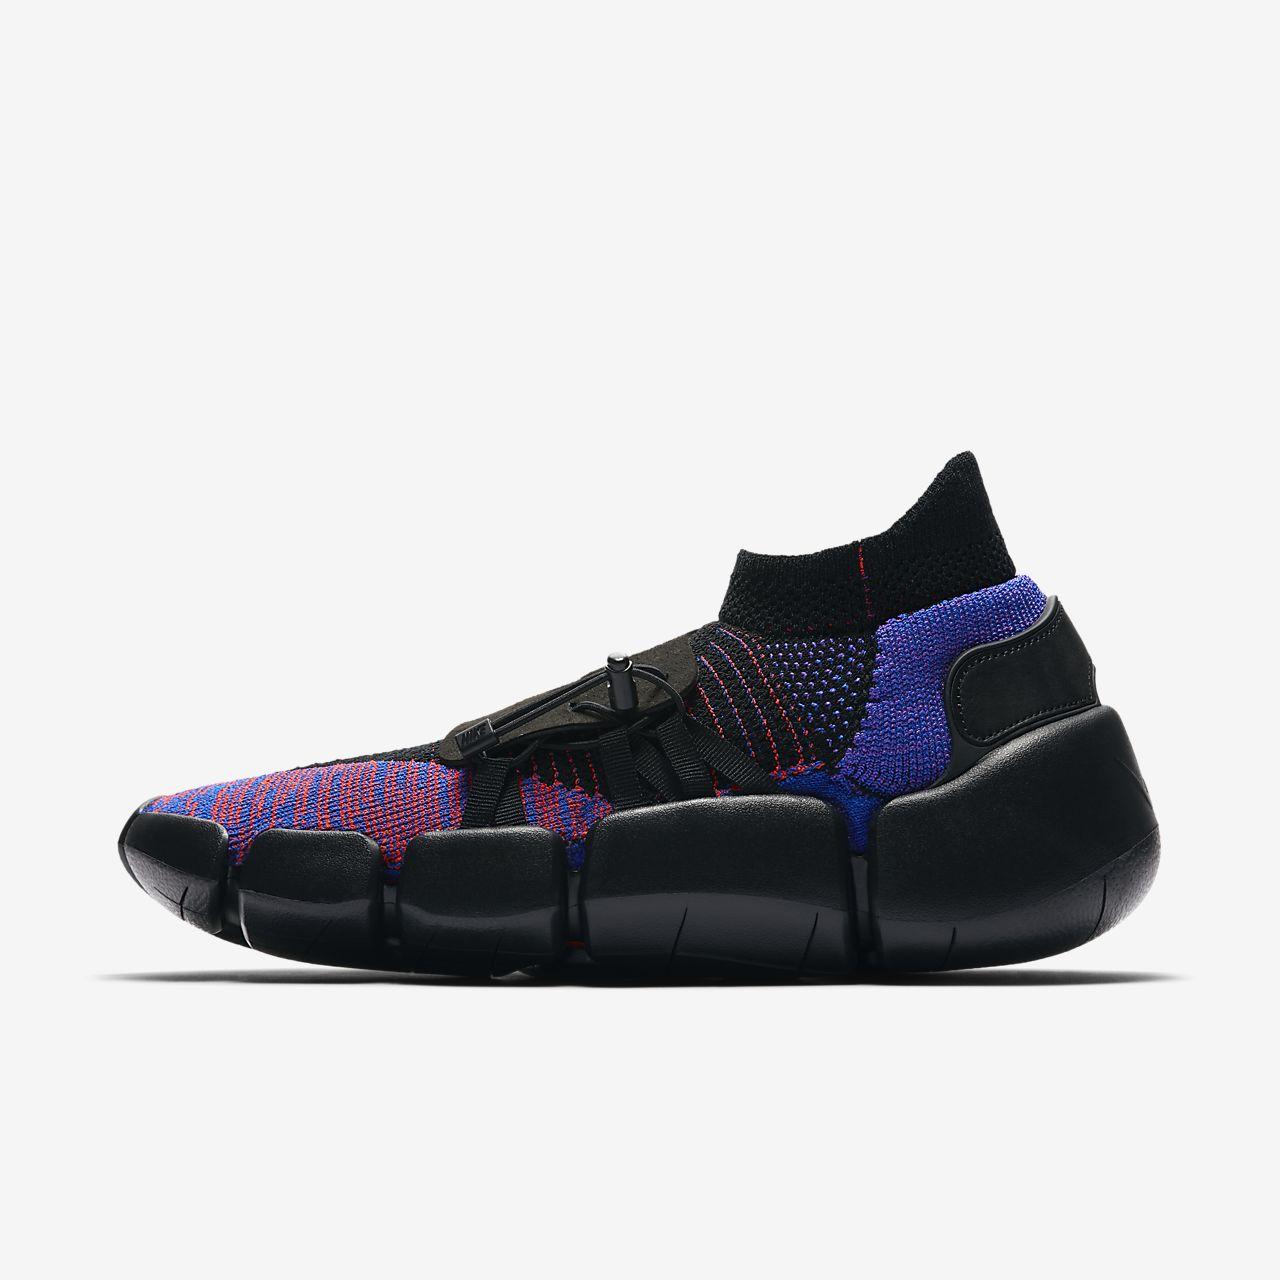 ... Nike Footscape Flyknit DM Men's Shoe